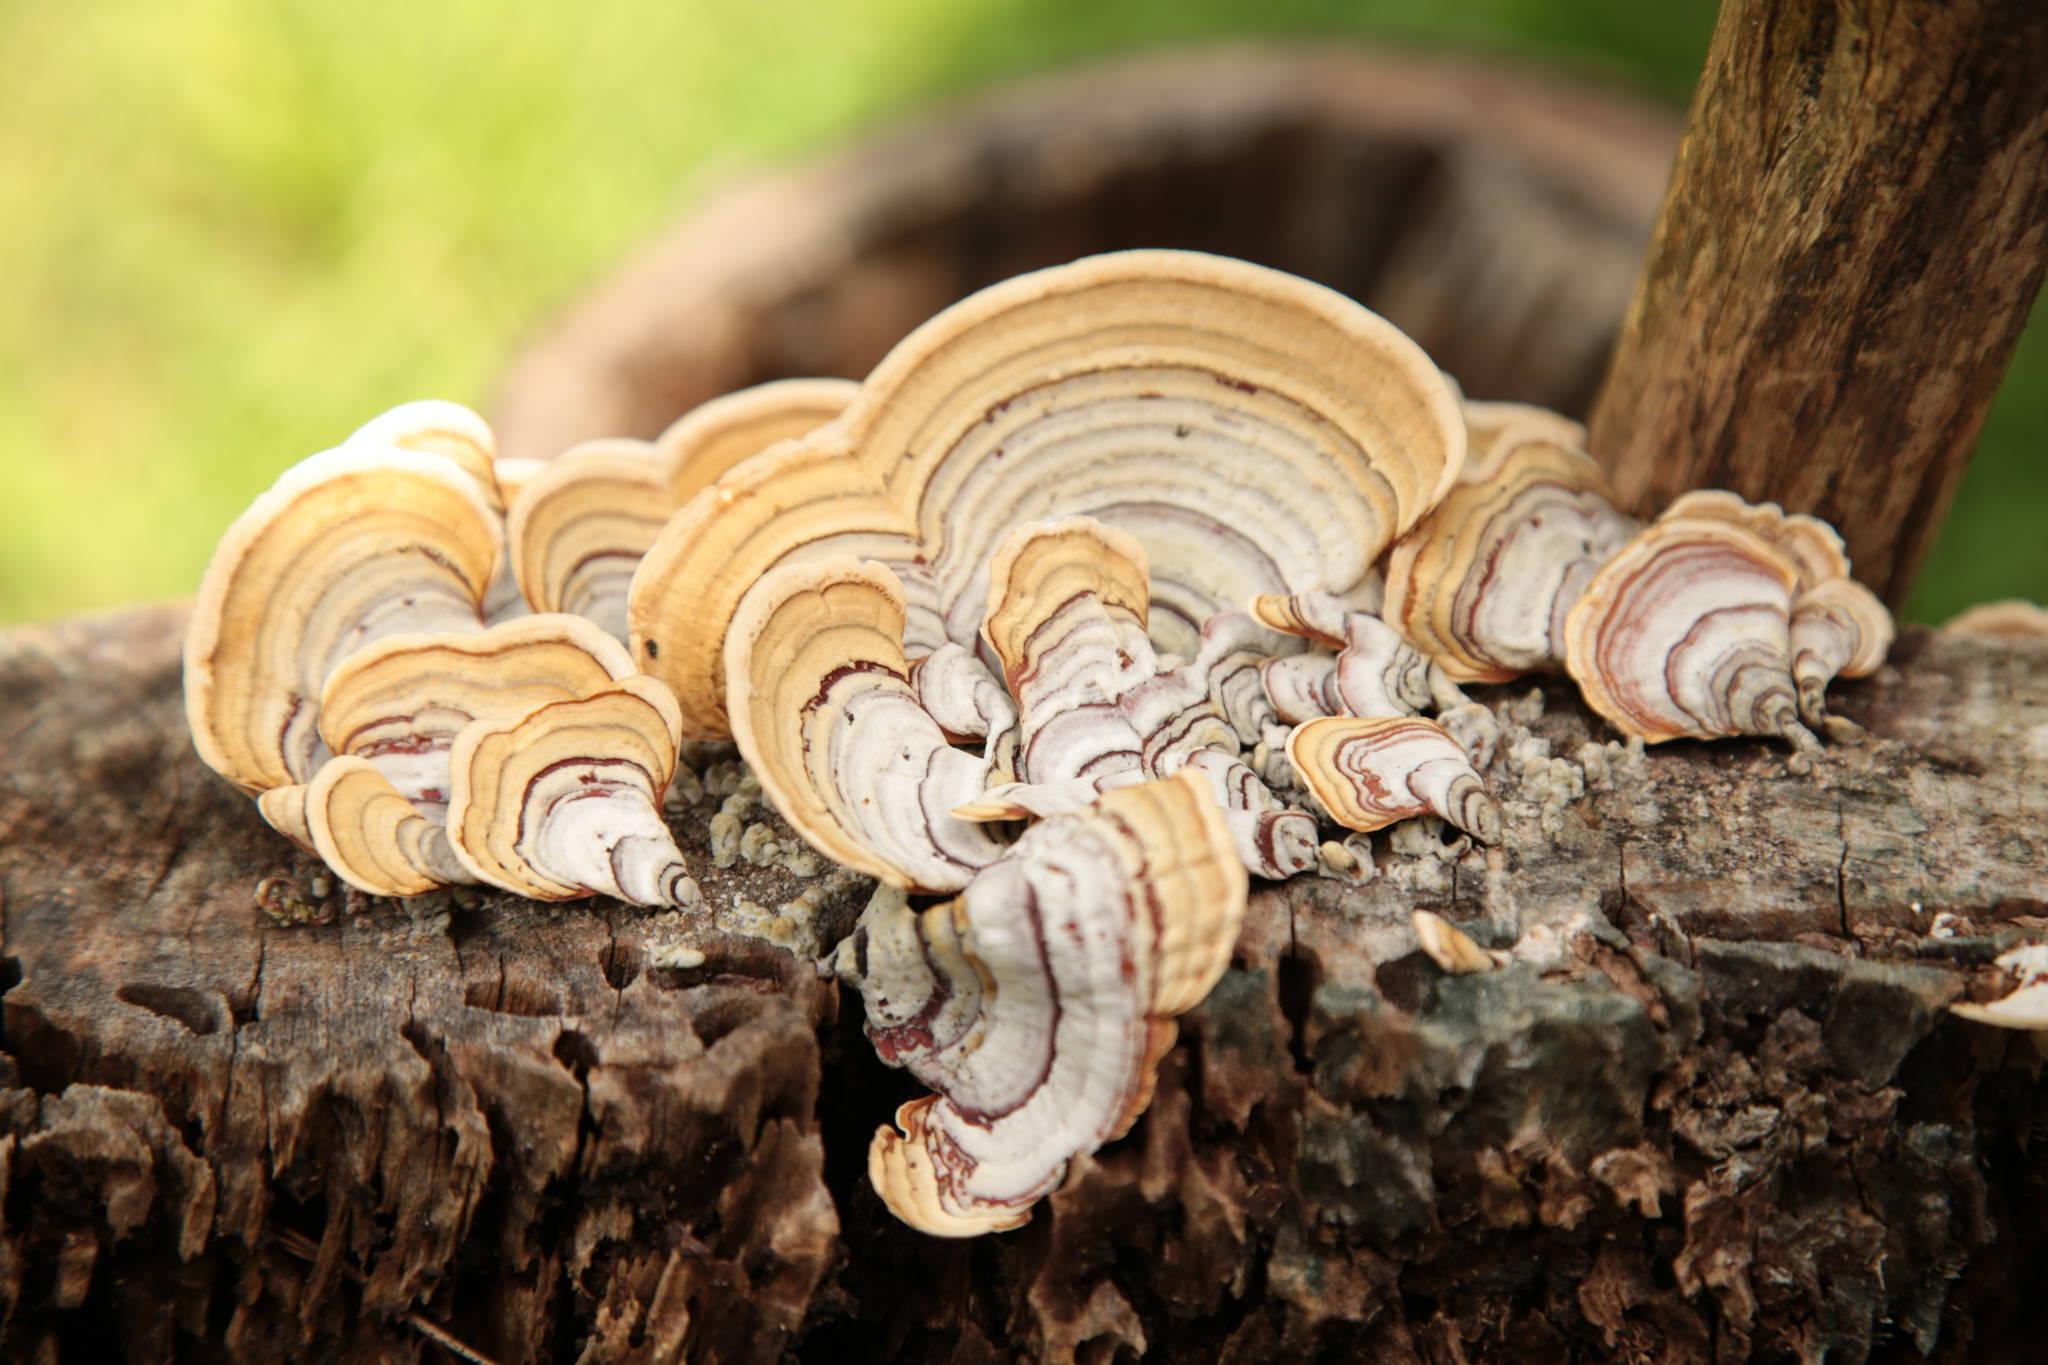 Turkey Tail mushroom growing on tree